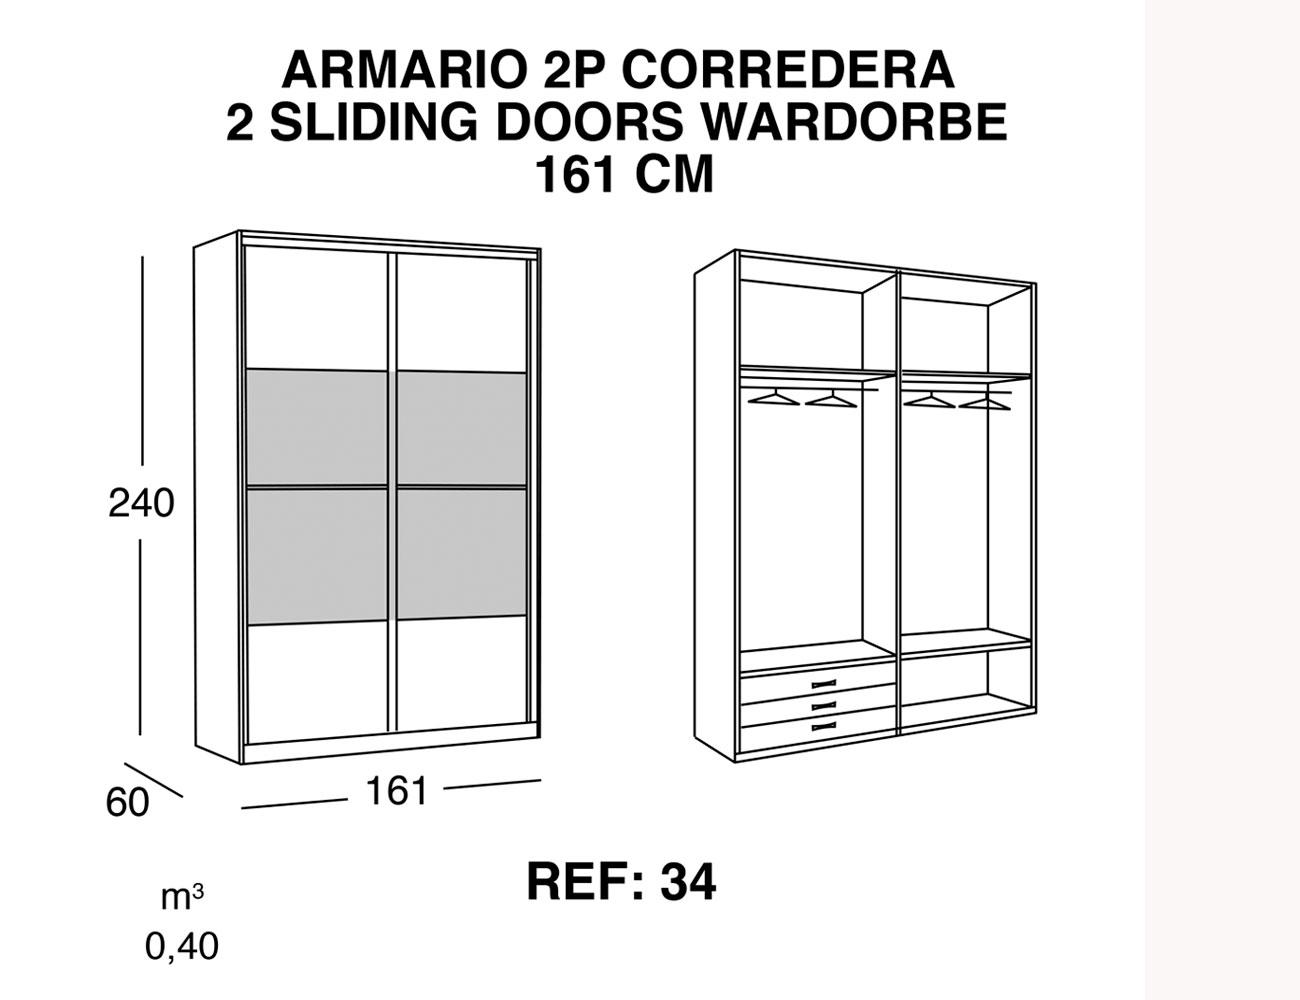 Armario 2p corredera 161